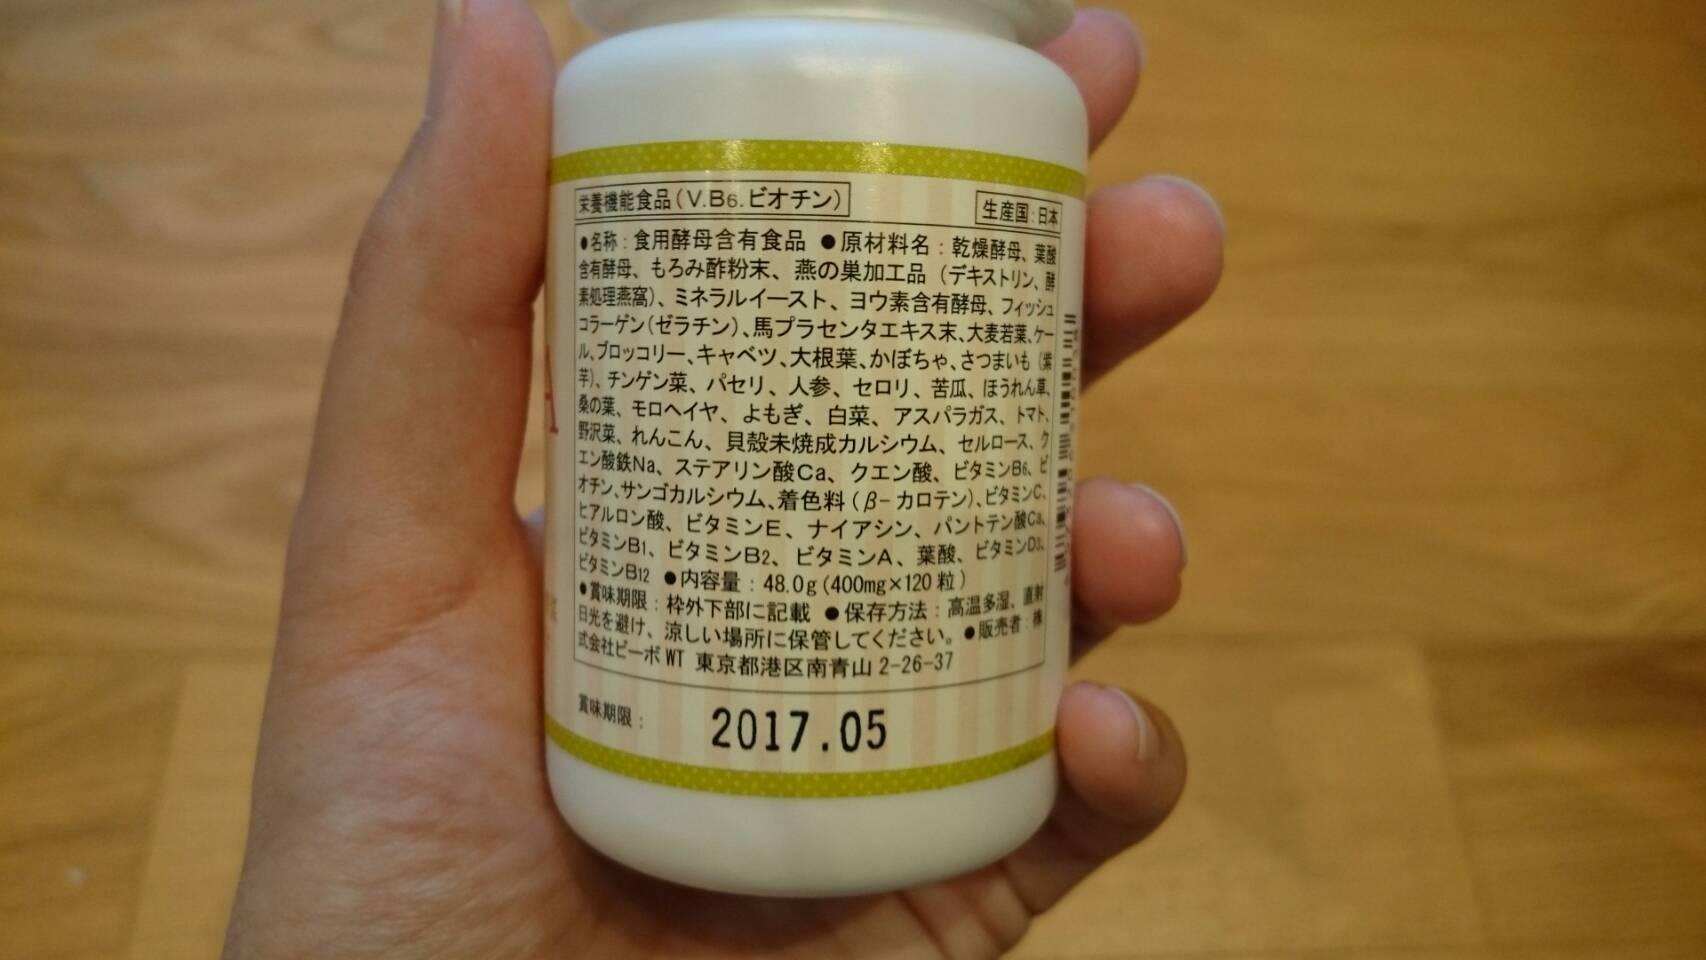 ベルタ葉酸サプリ配合されている成分や栄養素